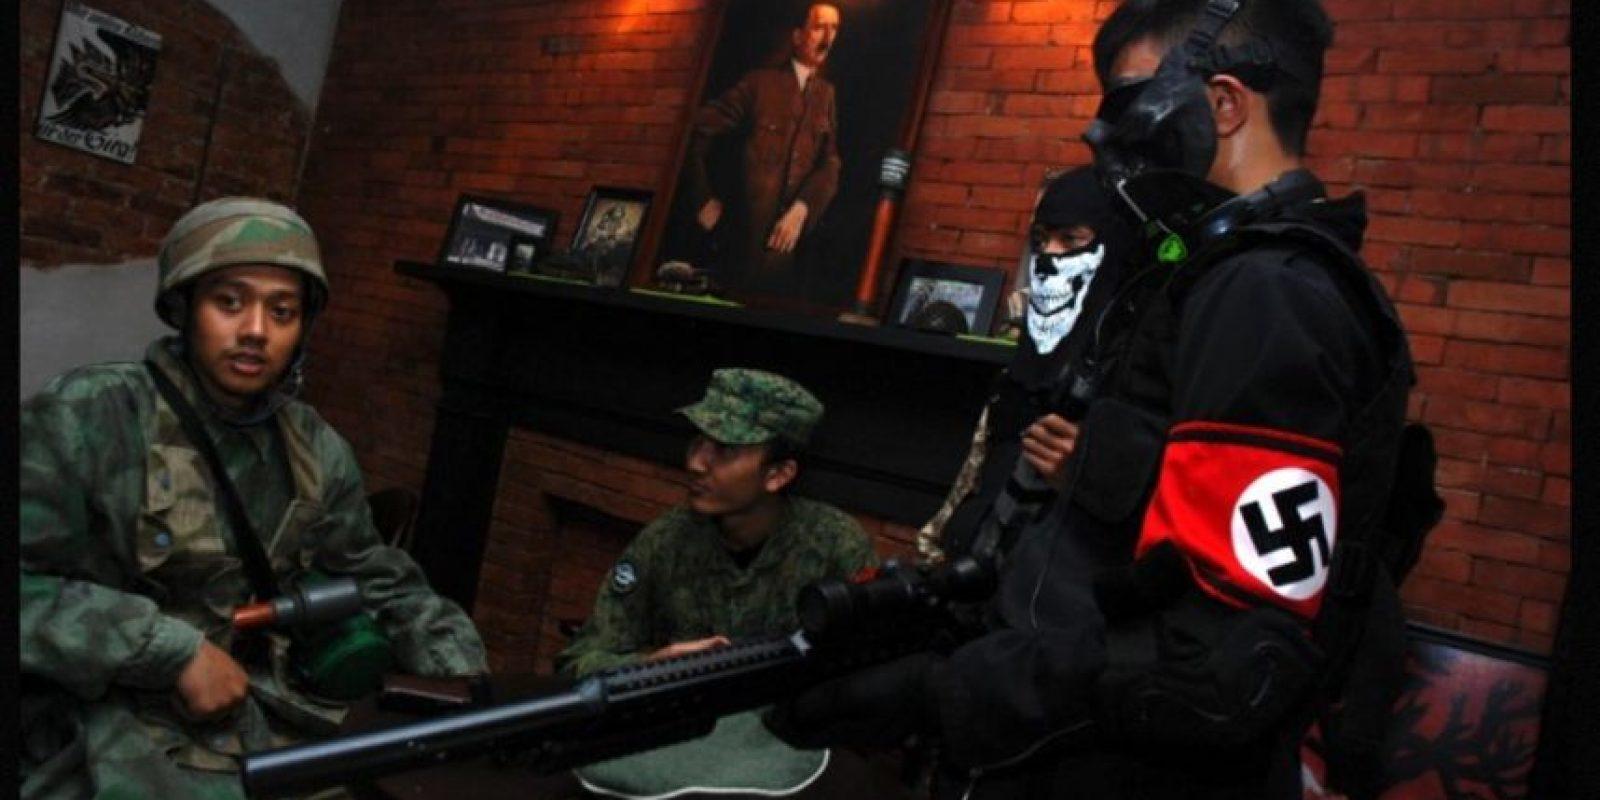 """El """"SoldatenKaffe"""", un café inspirado en los nazis, reabrió en 2015 sus puertas en Bandung, Indonesia, Foto:AFP"""